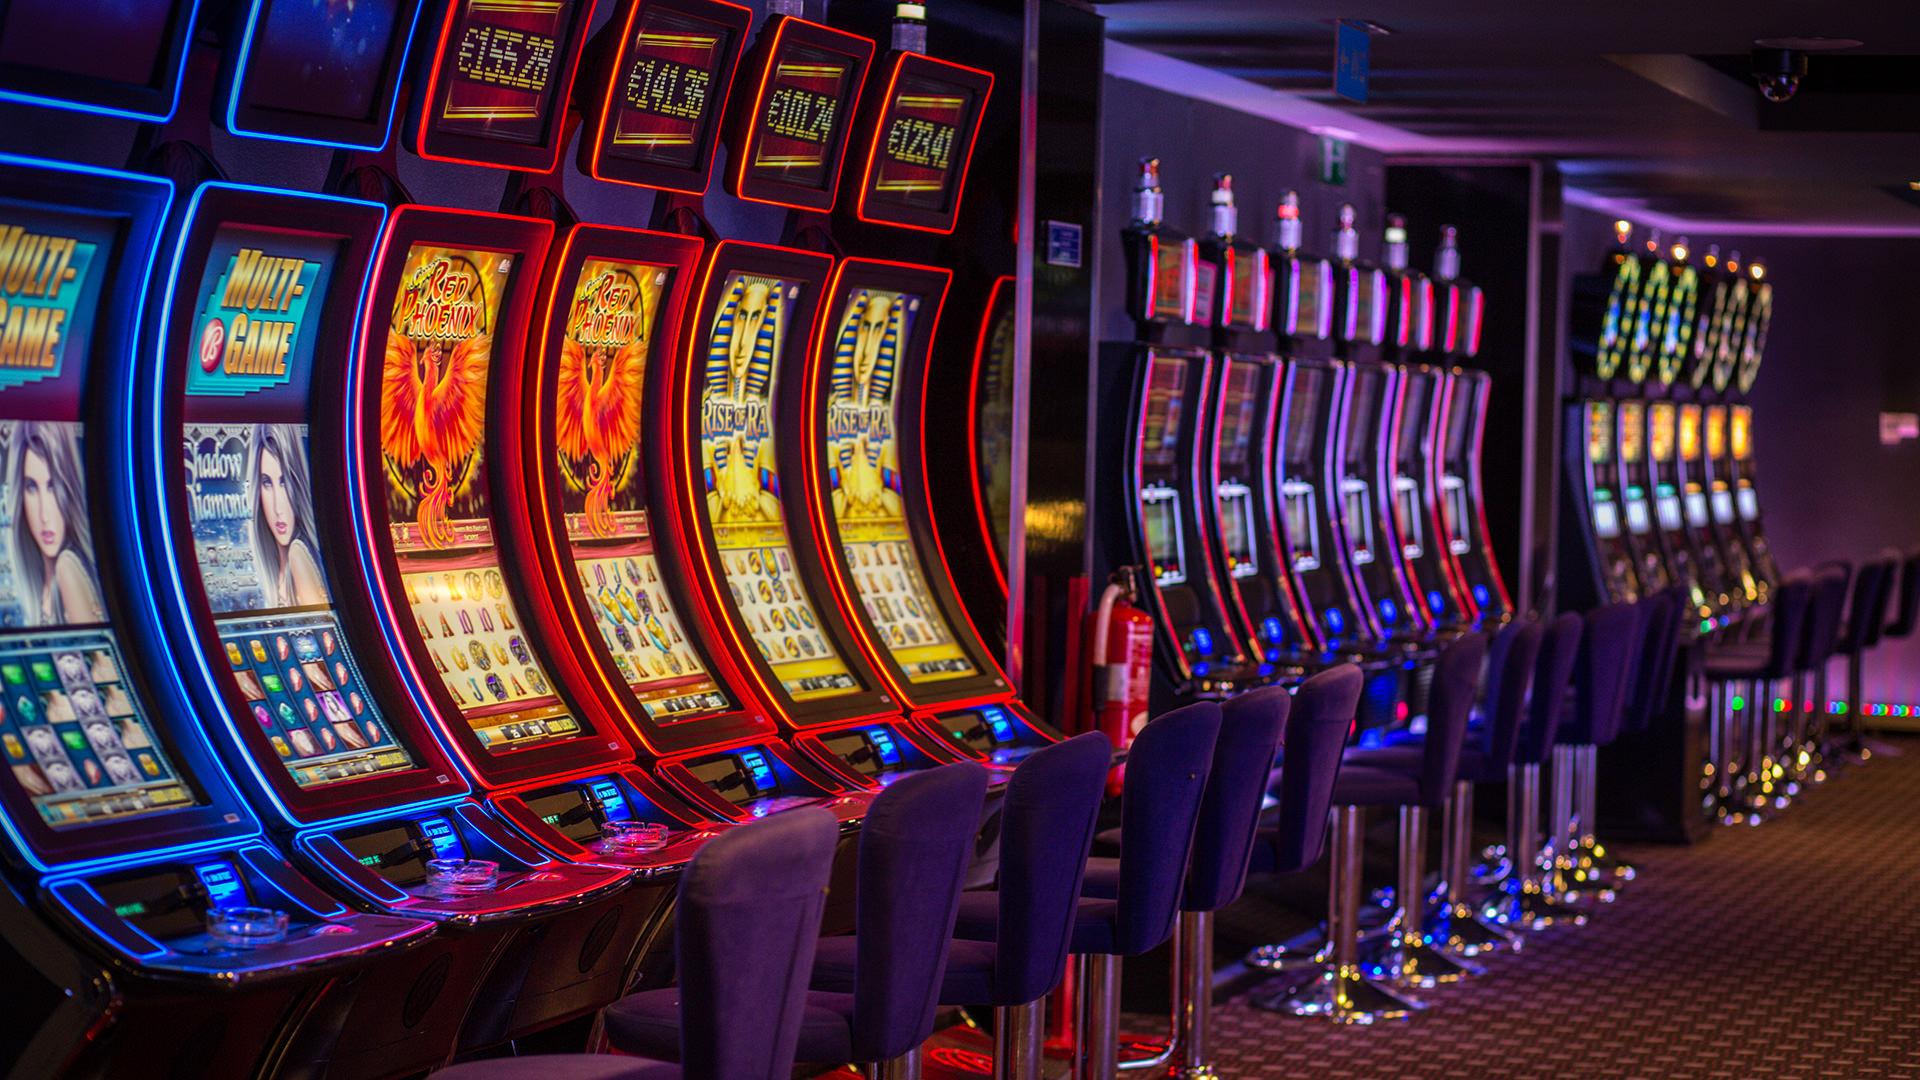 Автоматы игровые на раздевания ночь покера смотреть онлайн трейлер